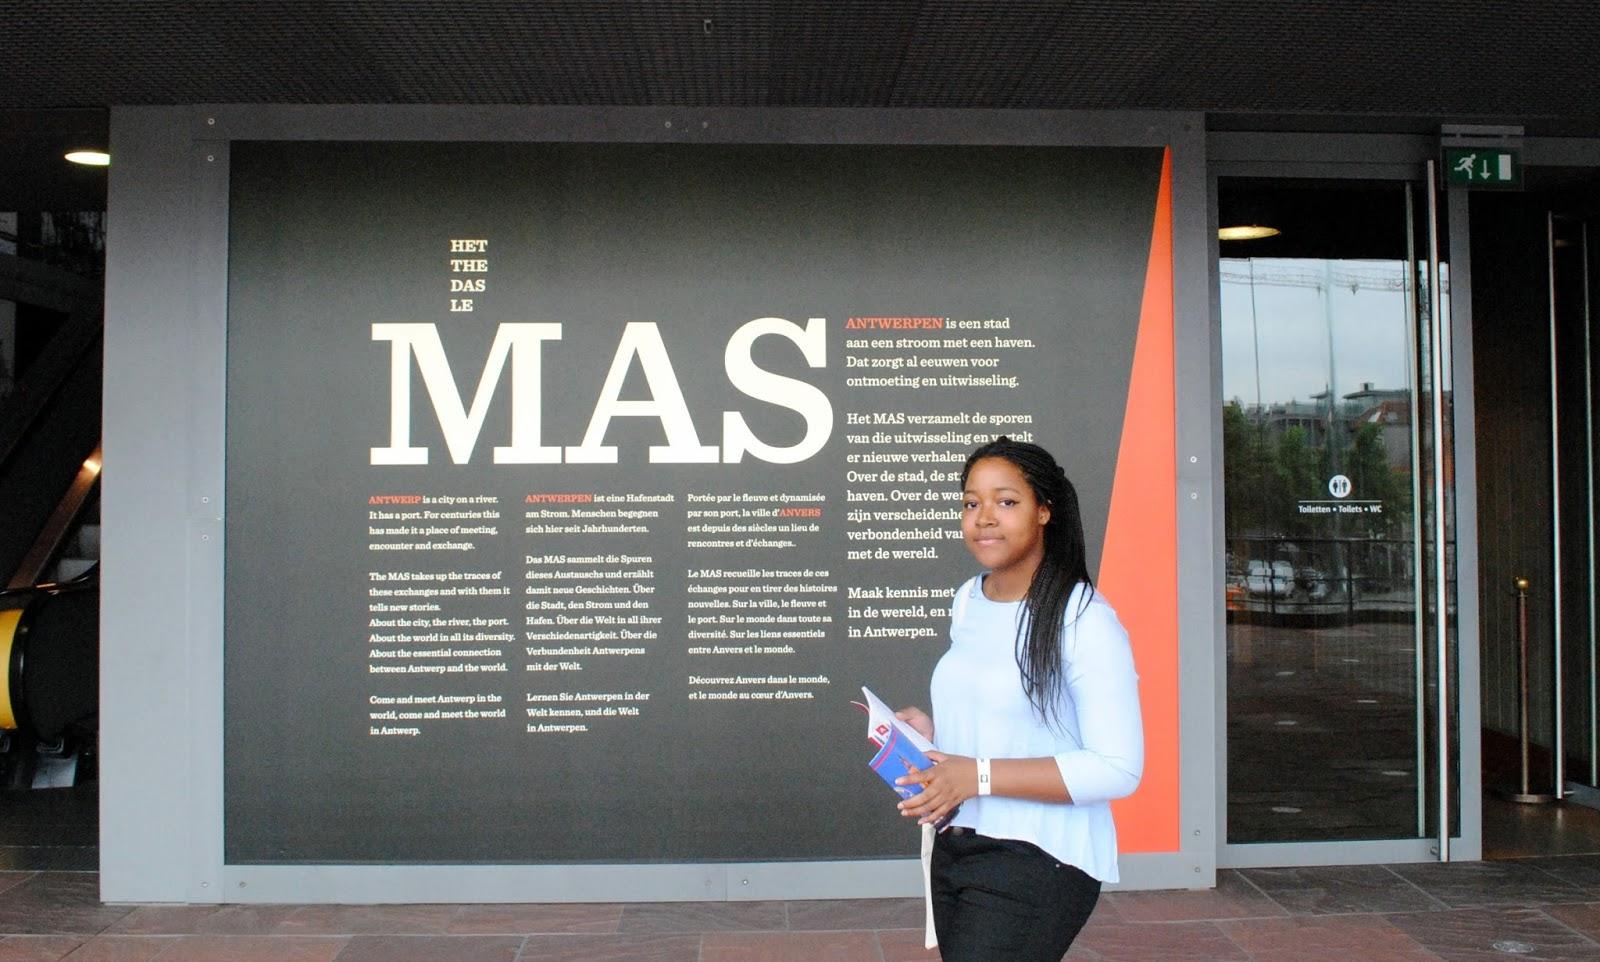 MAS musée